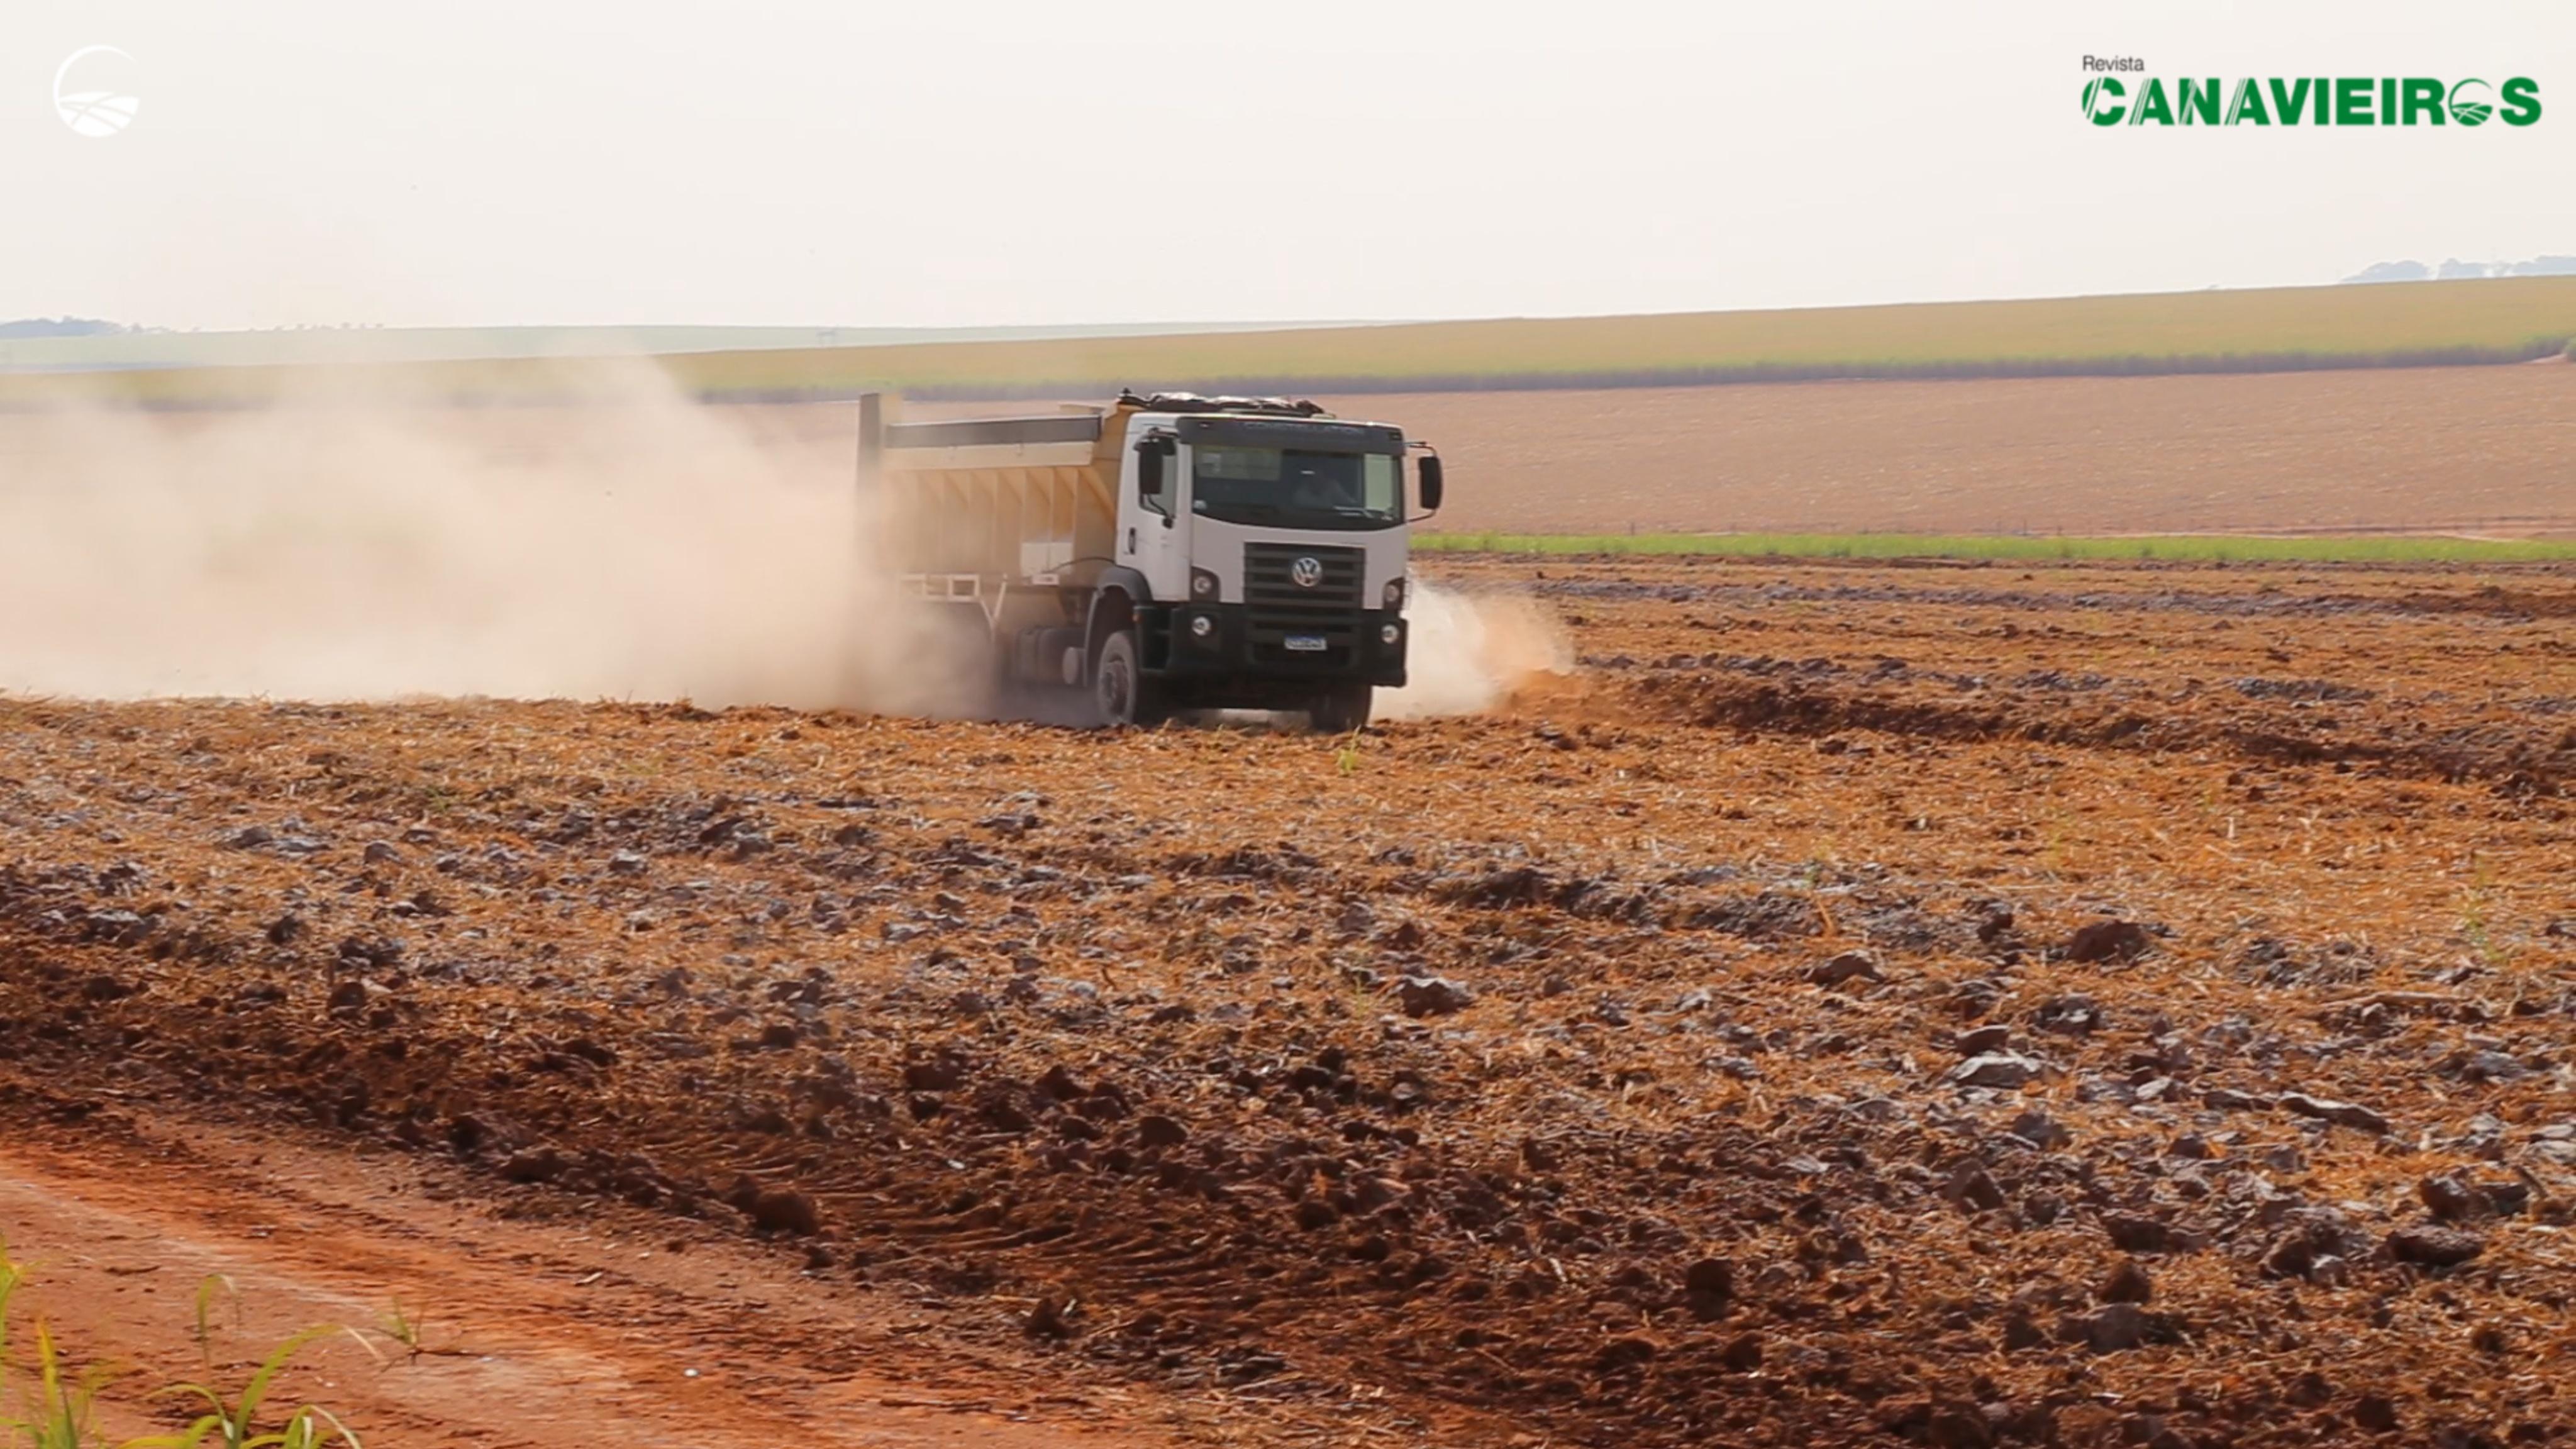 VÍDEO: Unidade de grãos inicia projeto piloto em agricultura de precisão